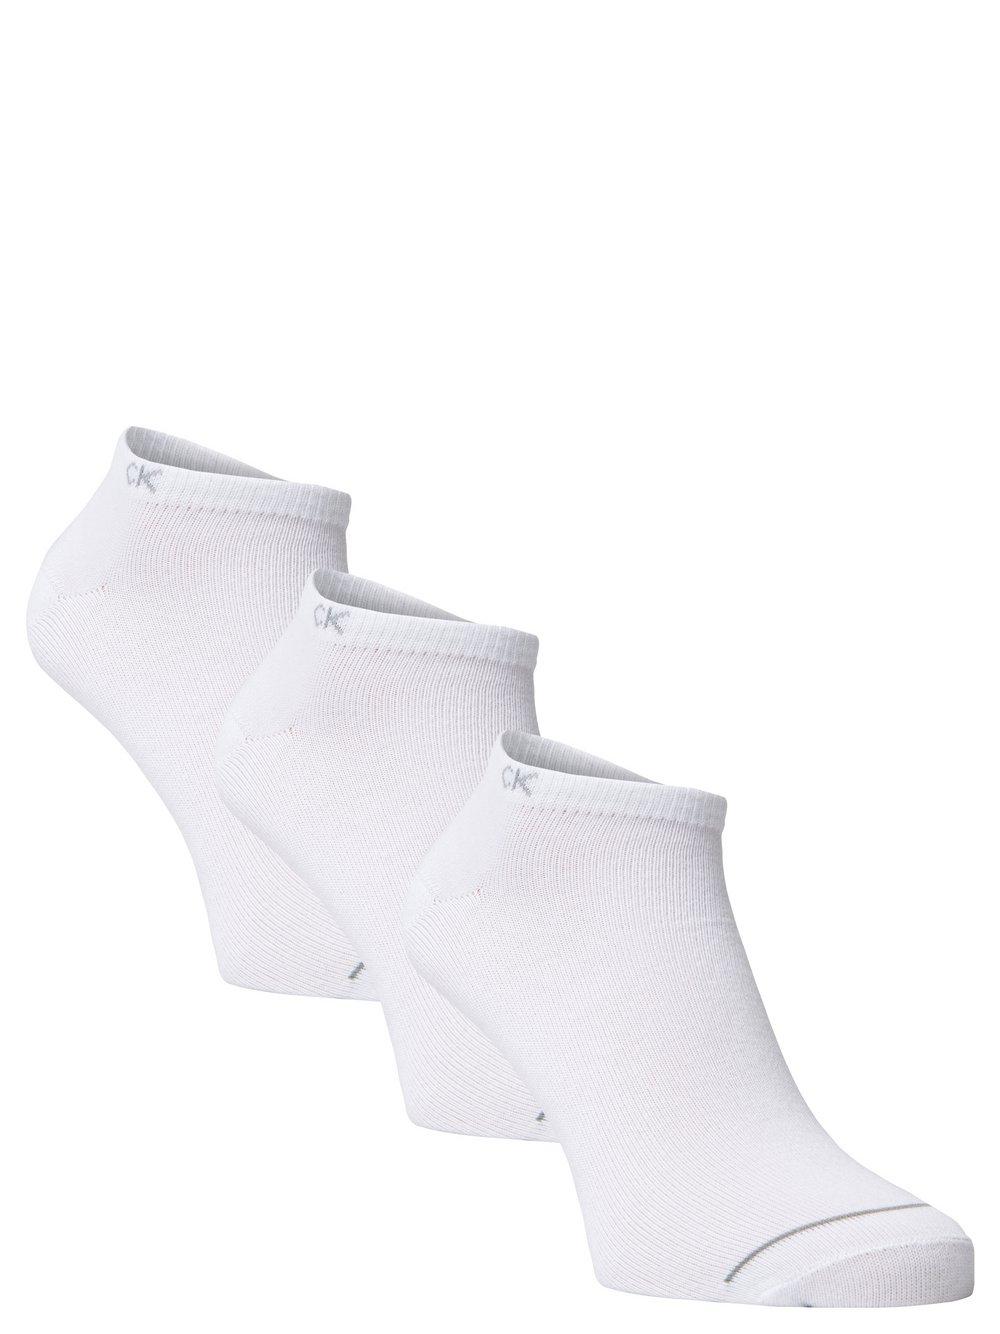 4bbac08a34befe Calvin Klein Herren Sneakersocken im 3er-Pack online kaufen